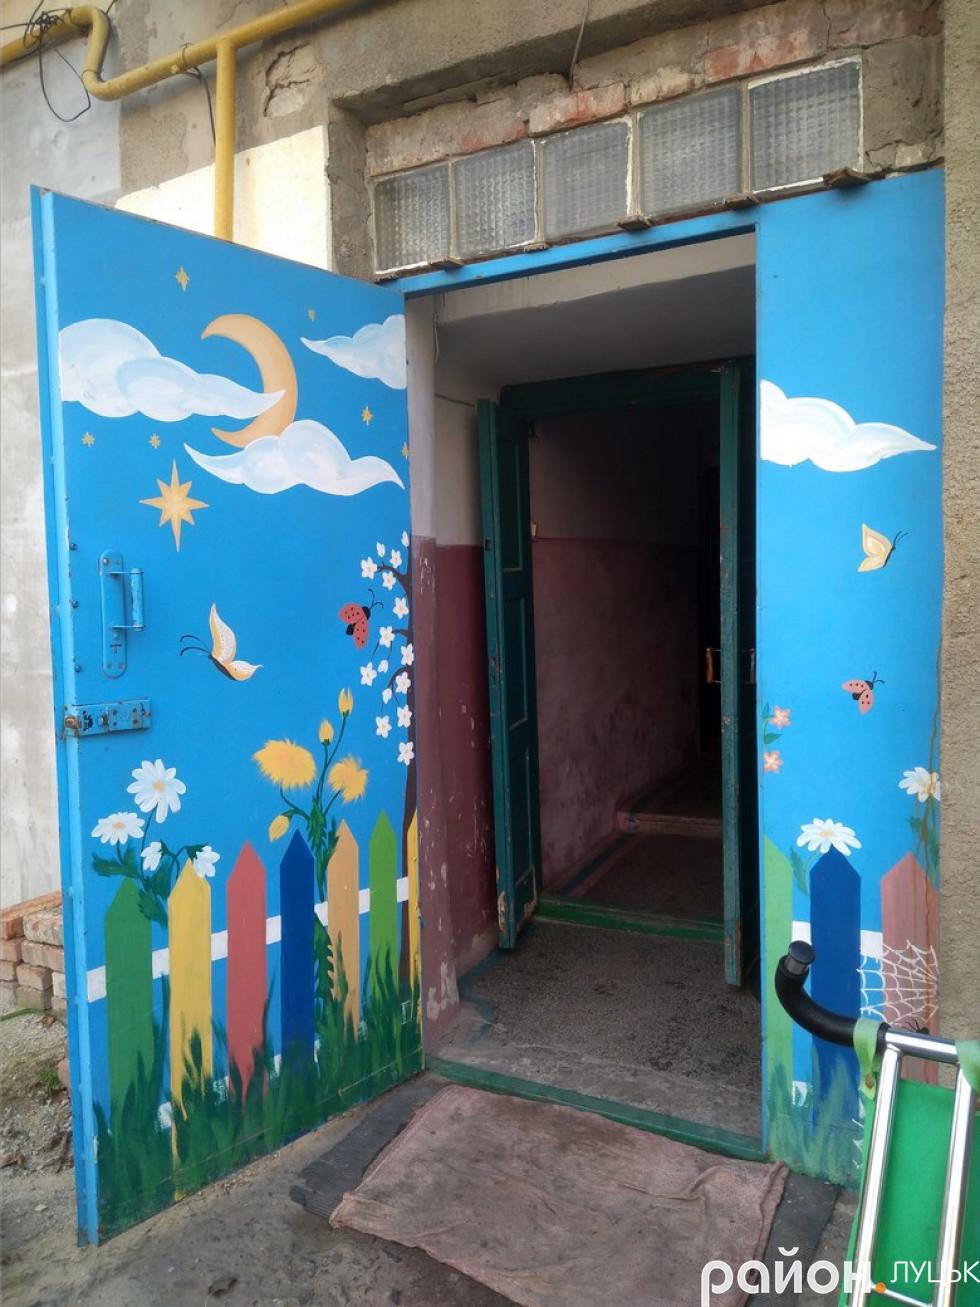 Вхідні двері до дванадцятого будинку, які власноруч розмалювали мешканці